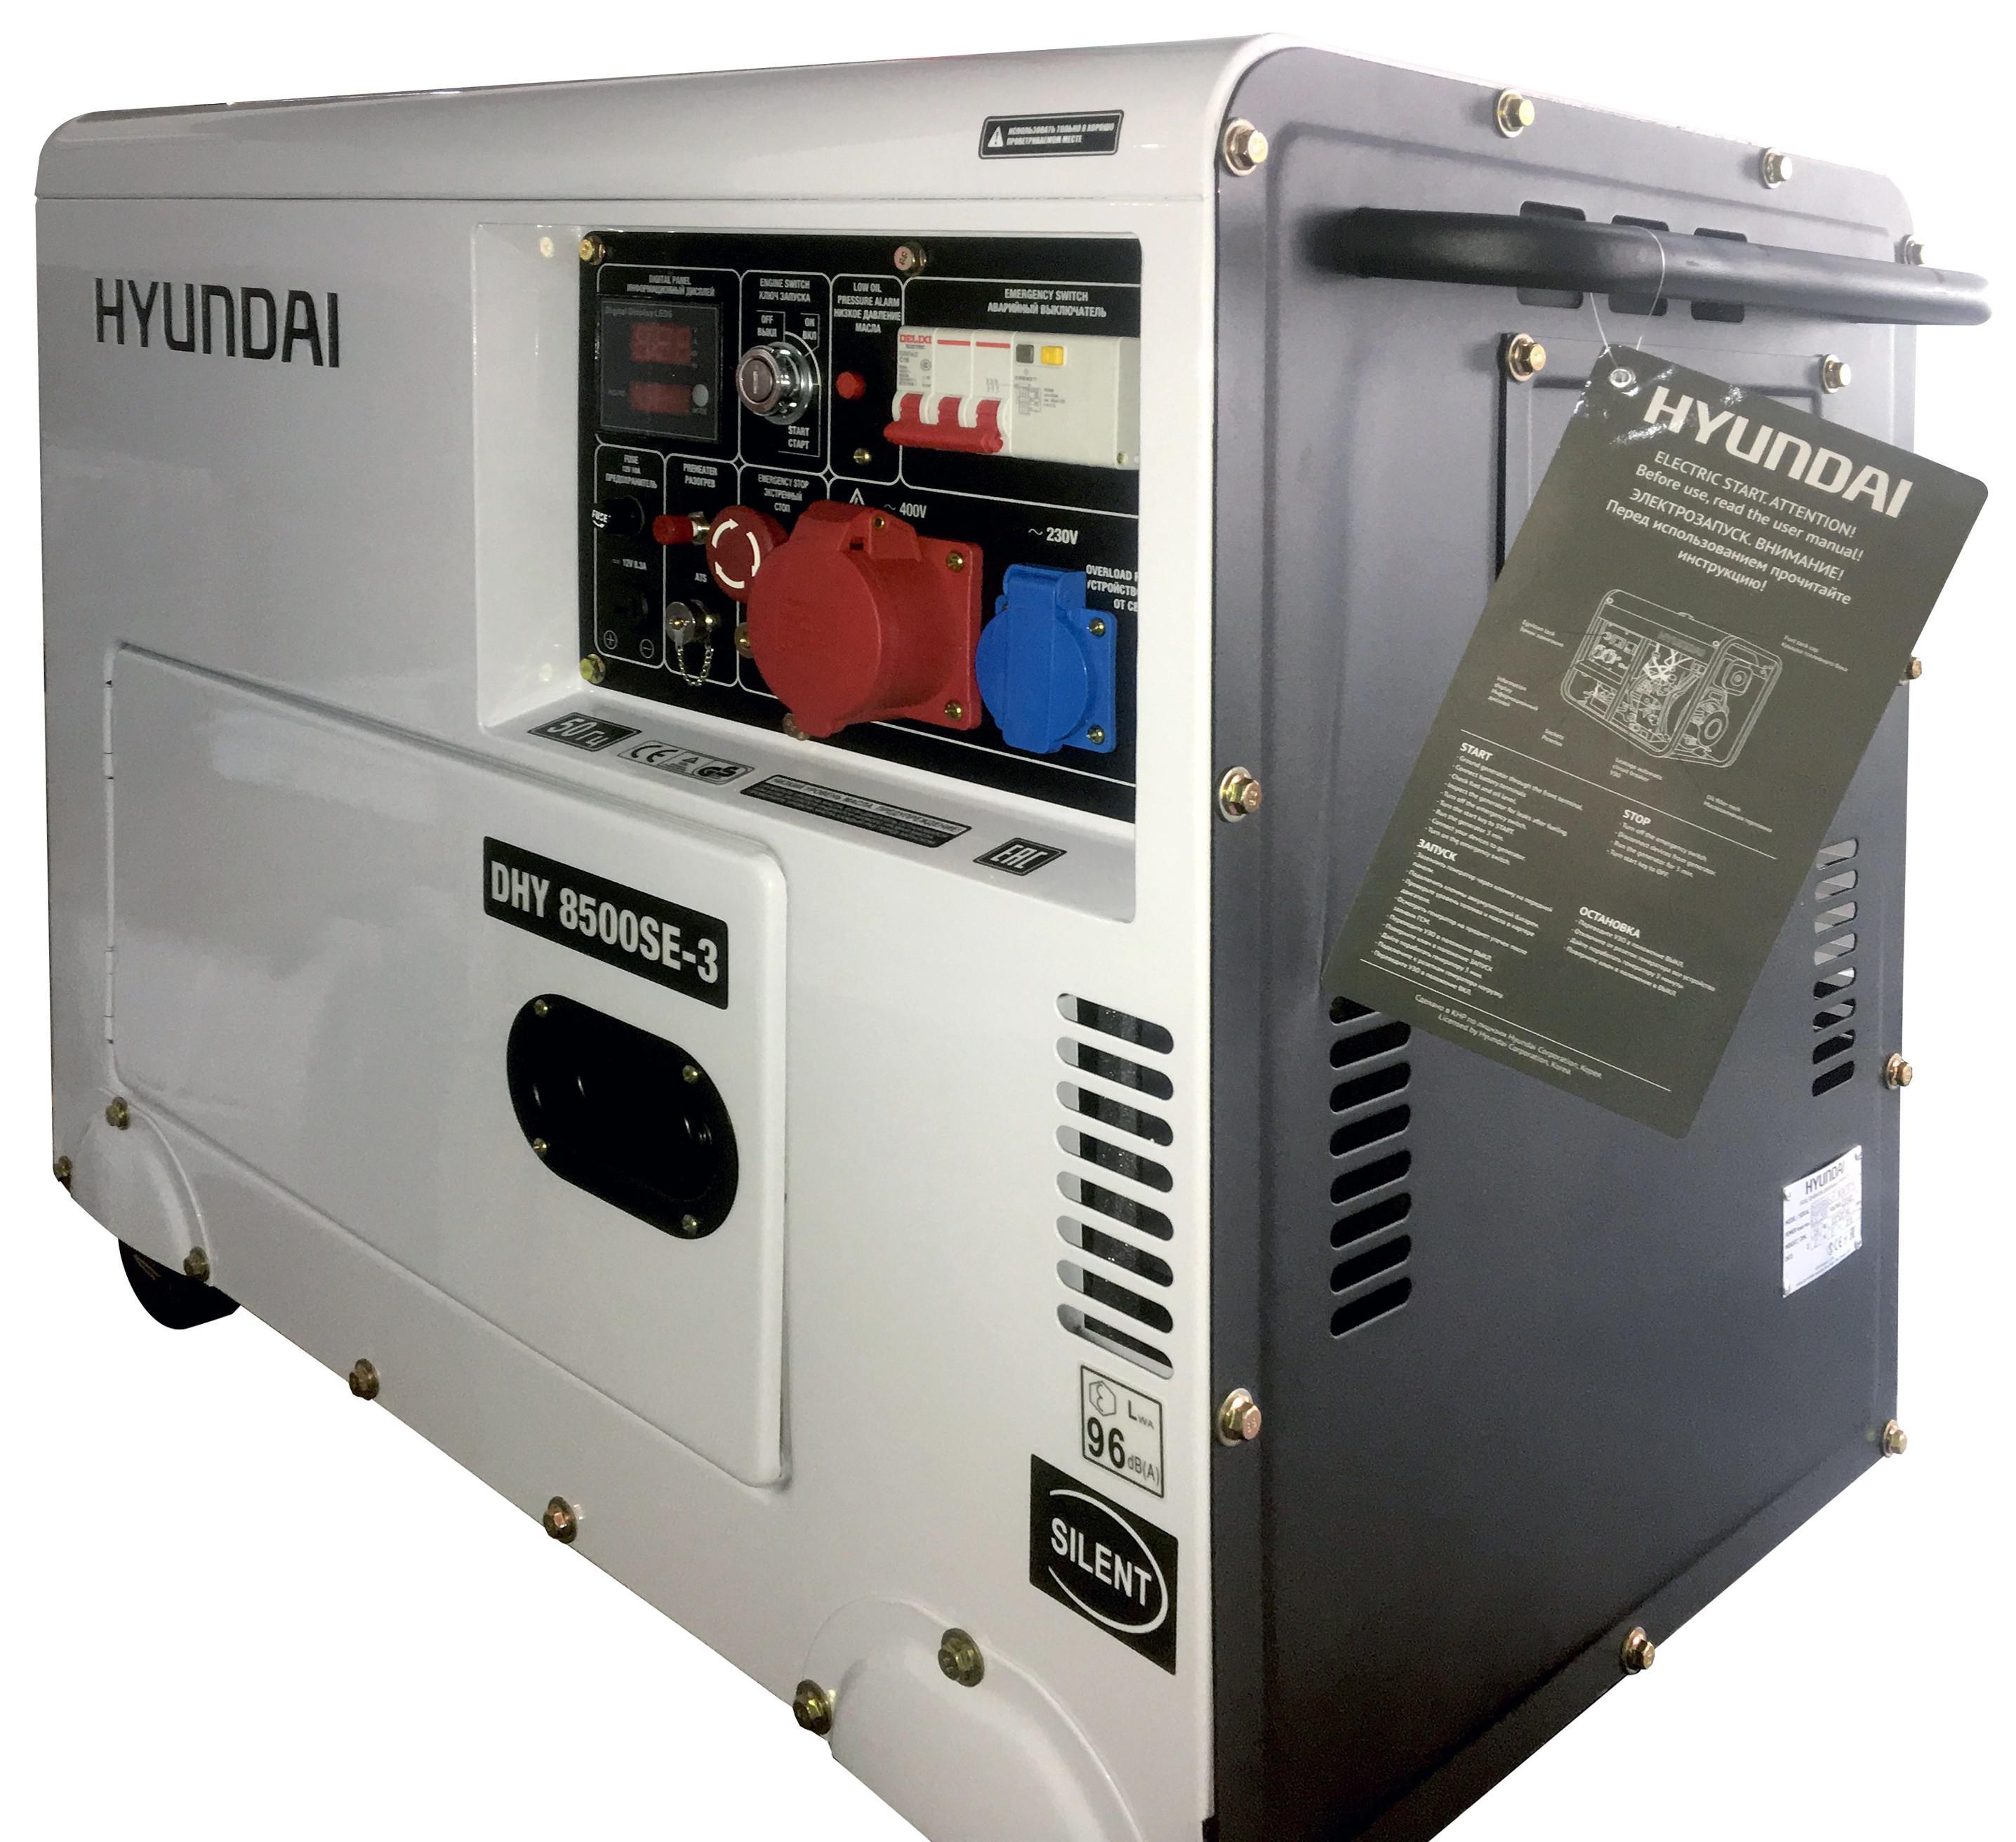 цены Дизельный генератор Hyundai Dhy 8500se-3